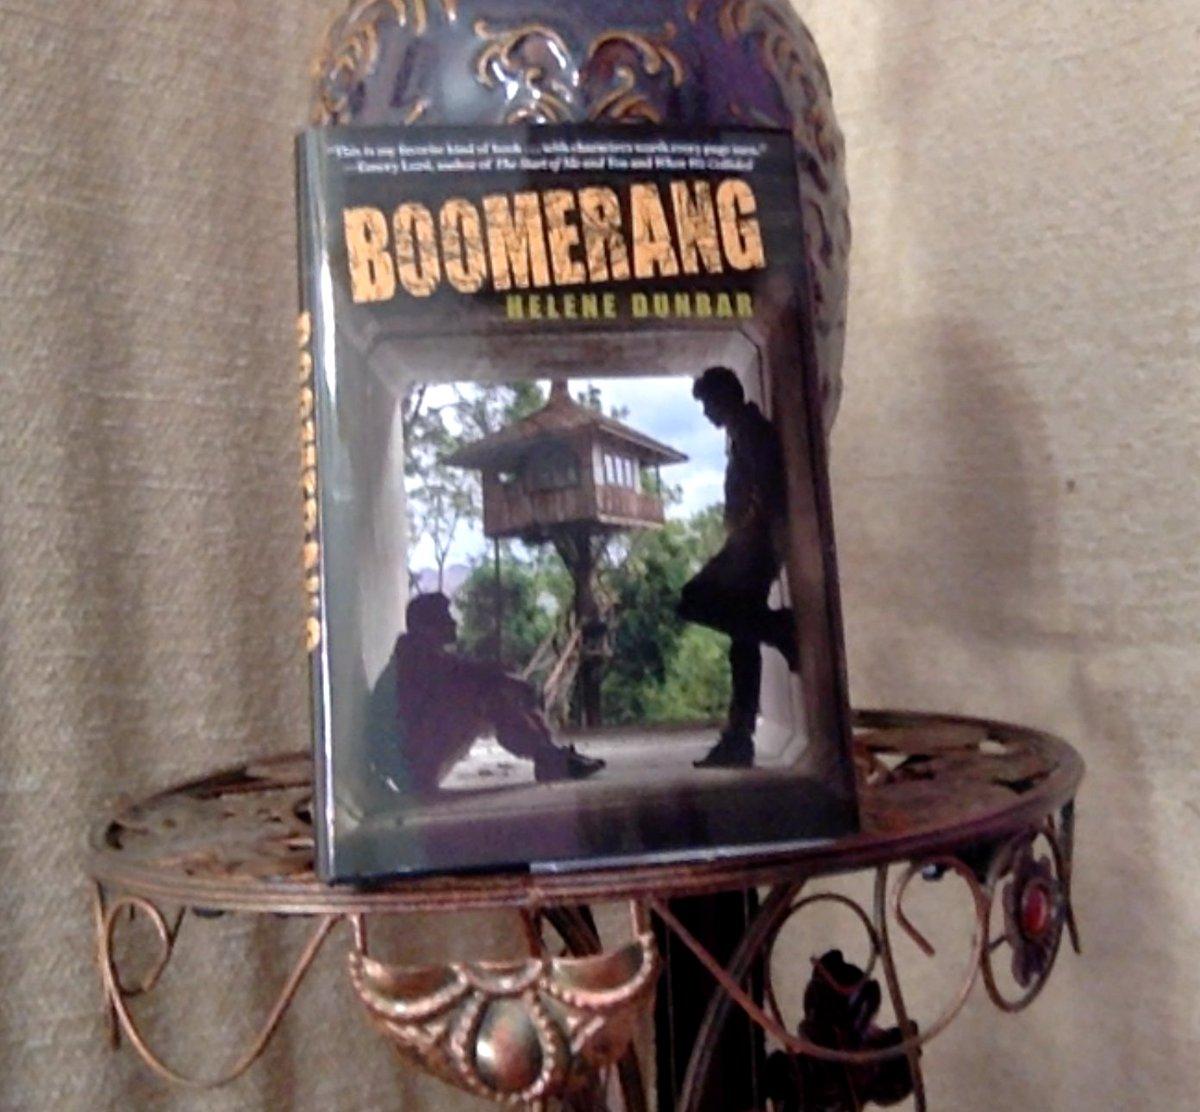 www.longhornjerky.com